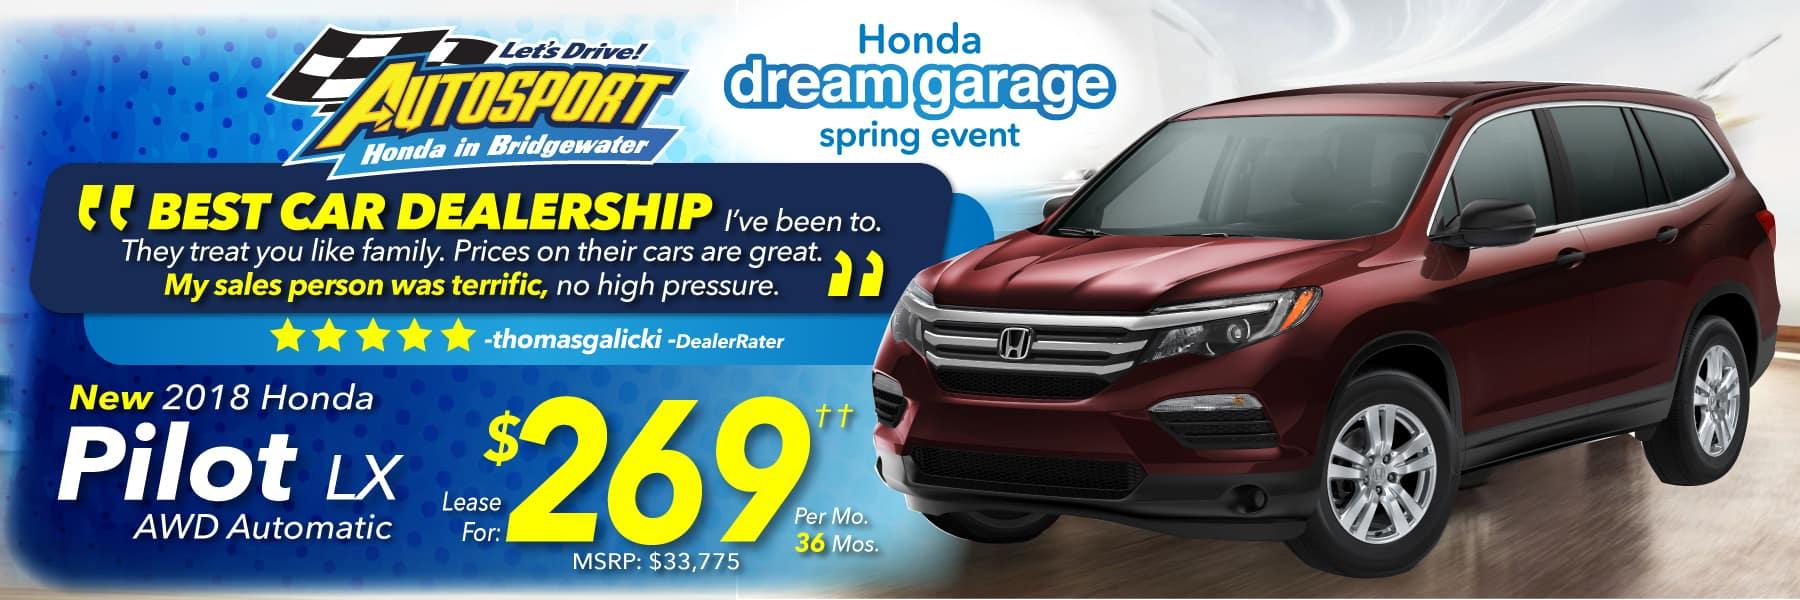 Autosport Honda Coupons